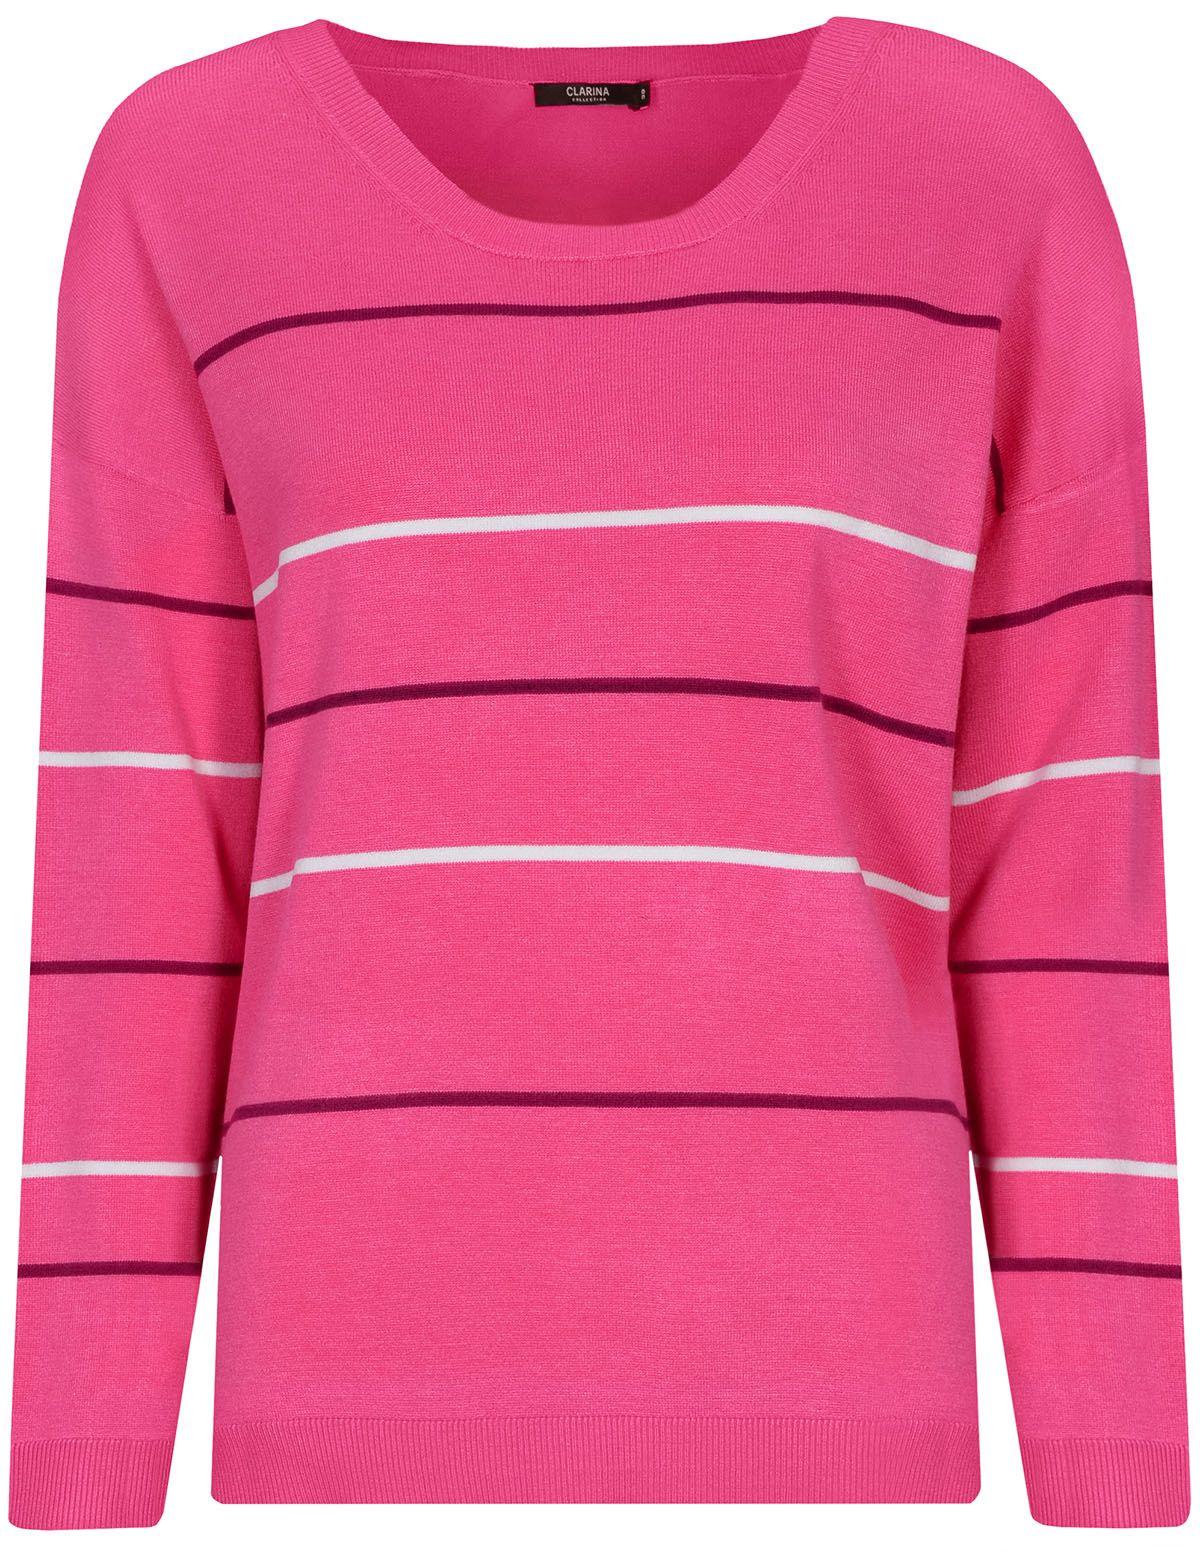 CLARINA Rundhalspullover im Ringel-Design - Pink Meliert